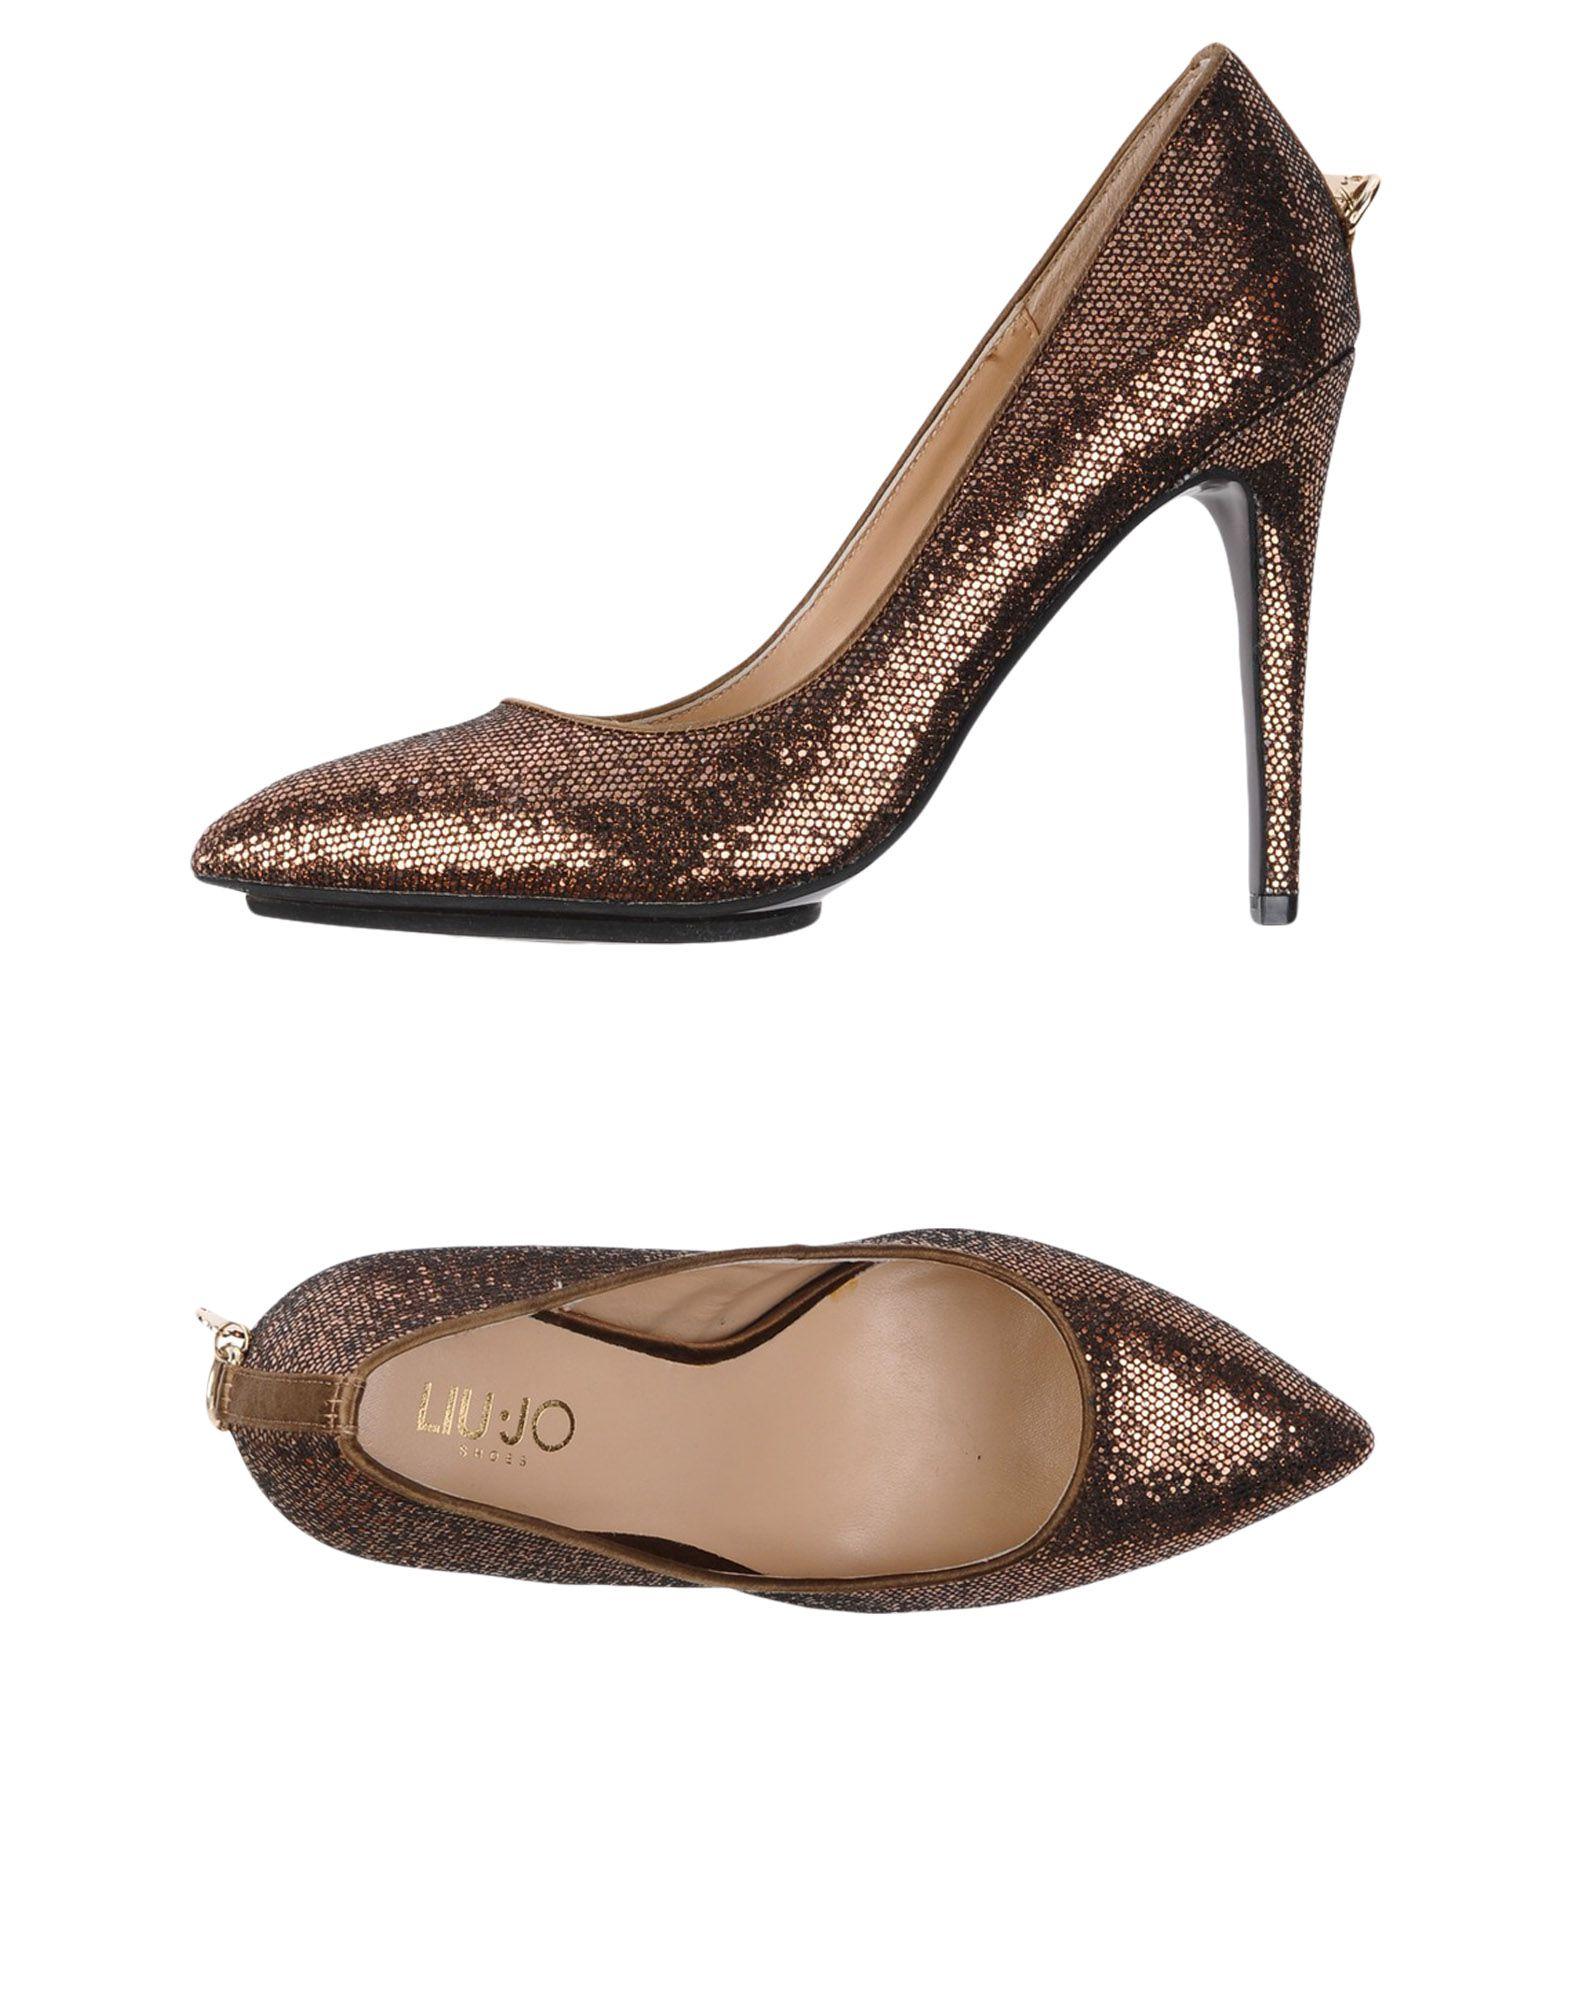 Liu •Jo Shoes Pumps Damen beliebte  11284363WF Gute Qualität beliebte Damen Schuhe 0a6774